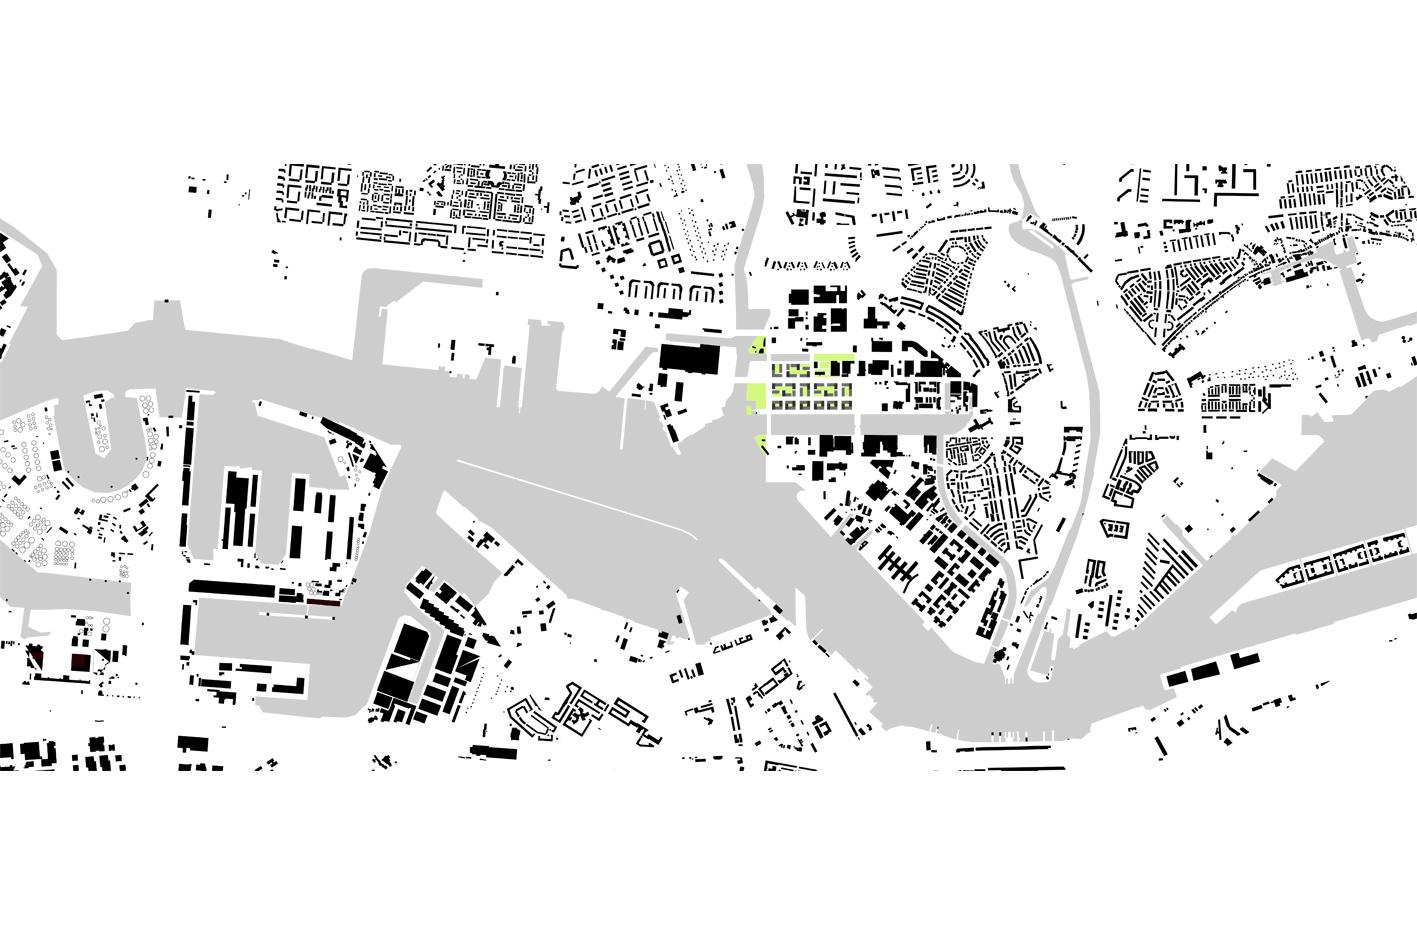 woonwerk casco lofts morfologie BSH Buiksloterham atelier PUUUR Amsterdam Noord stedenbouwkundig plan